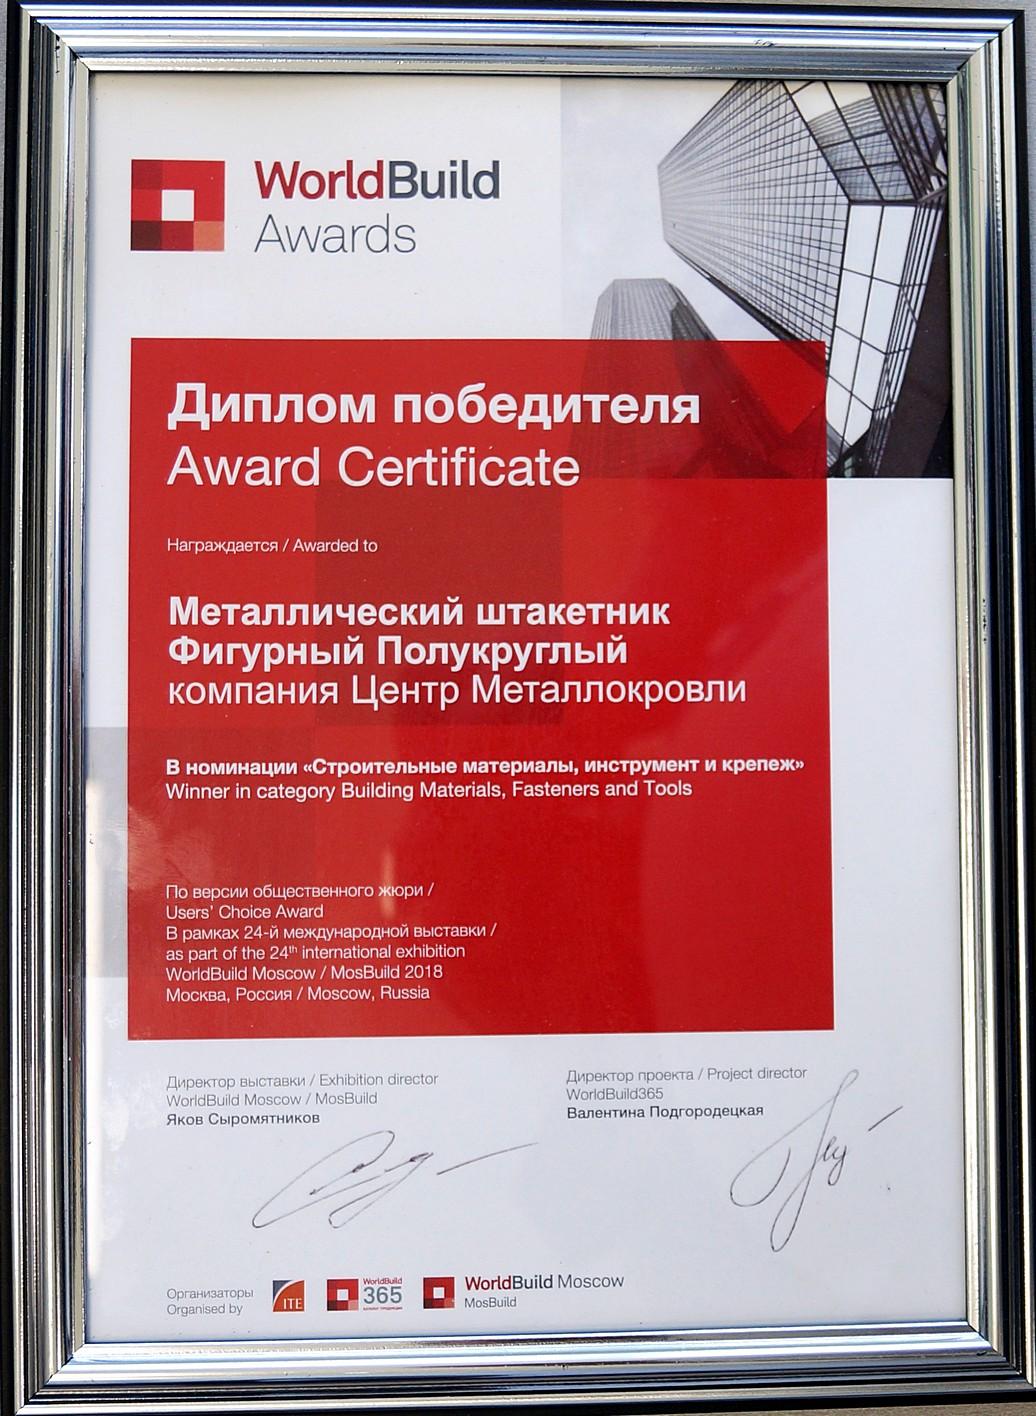 Продукция победитель диплом выставка евроштакетник еврожалюзи WorldBuild - 3-3